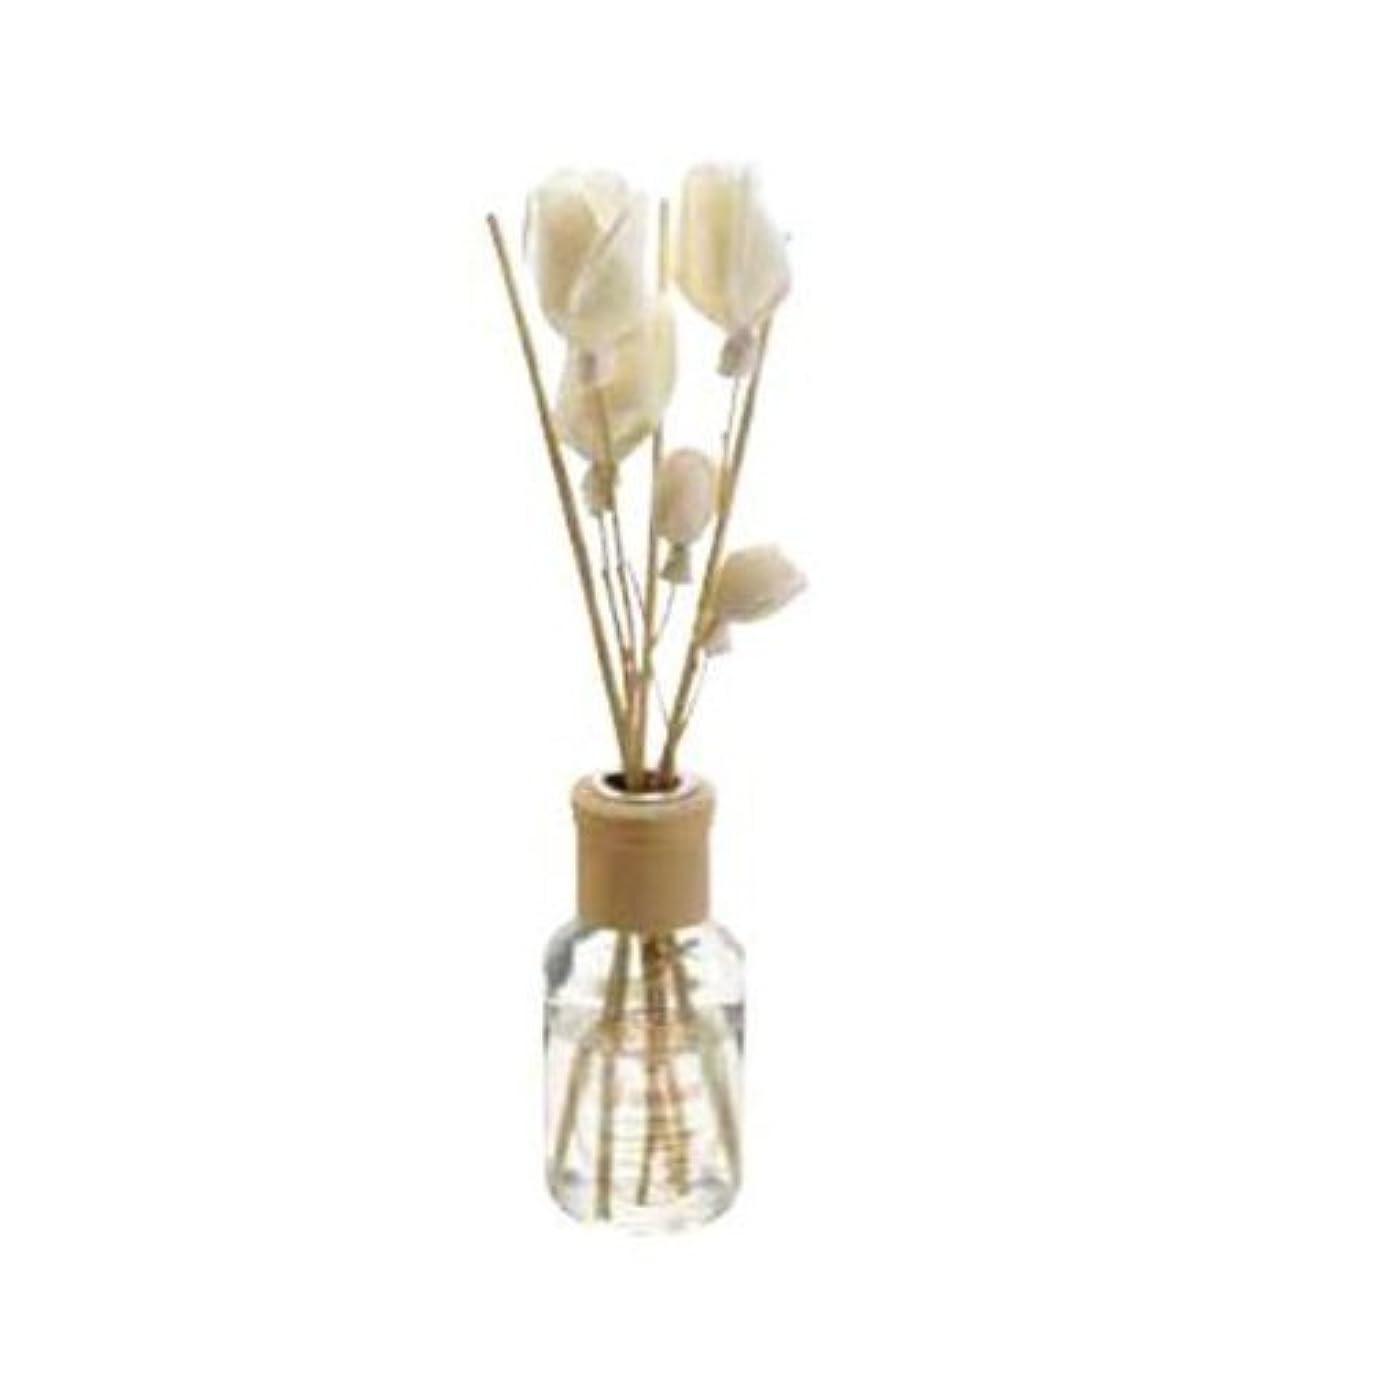 獣メンテナンス蓄積するグレース サンクタム フラワー ディフューザー [ ルームフレグランス ] goody grams GRACE SANCTUM Flower Diffuser 《 ROSE/ROSE BOWL 》